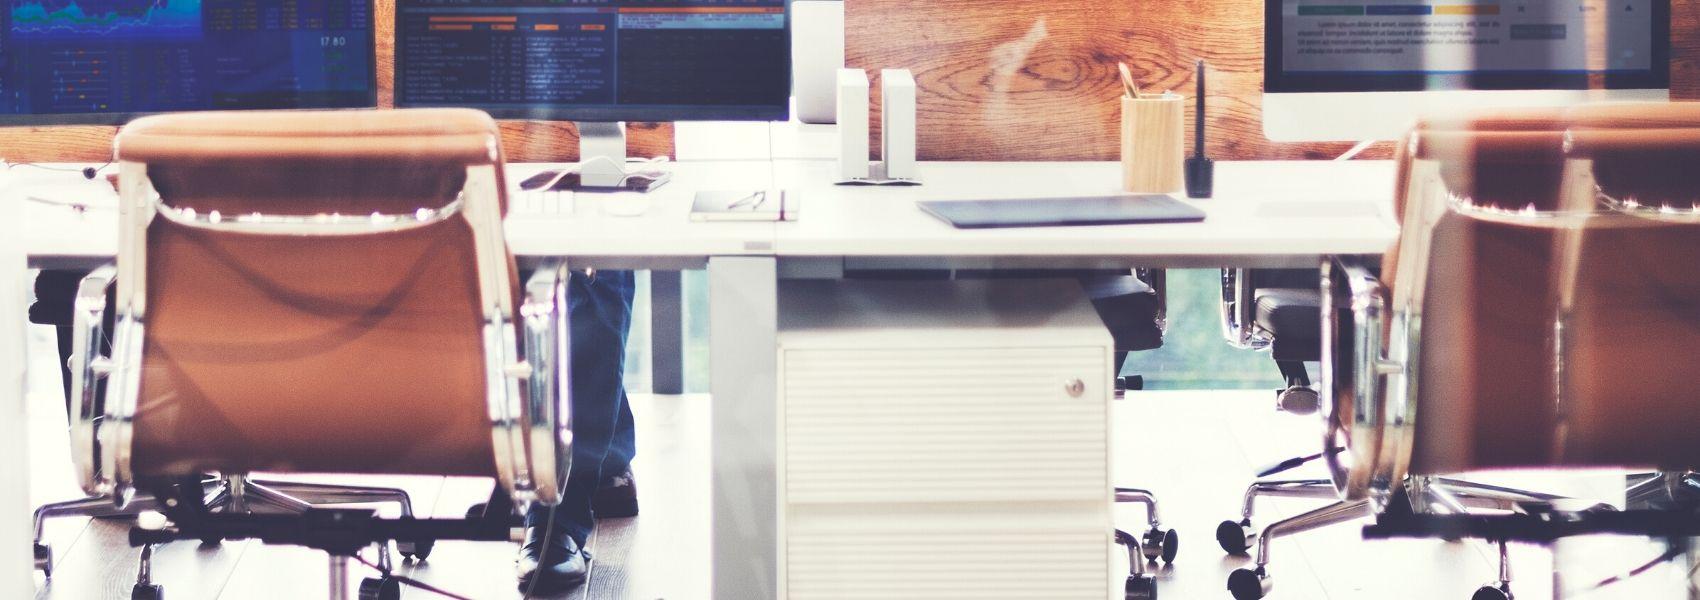 Agência europeia faz recomendações para regresso seguro ao local de trabalho